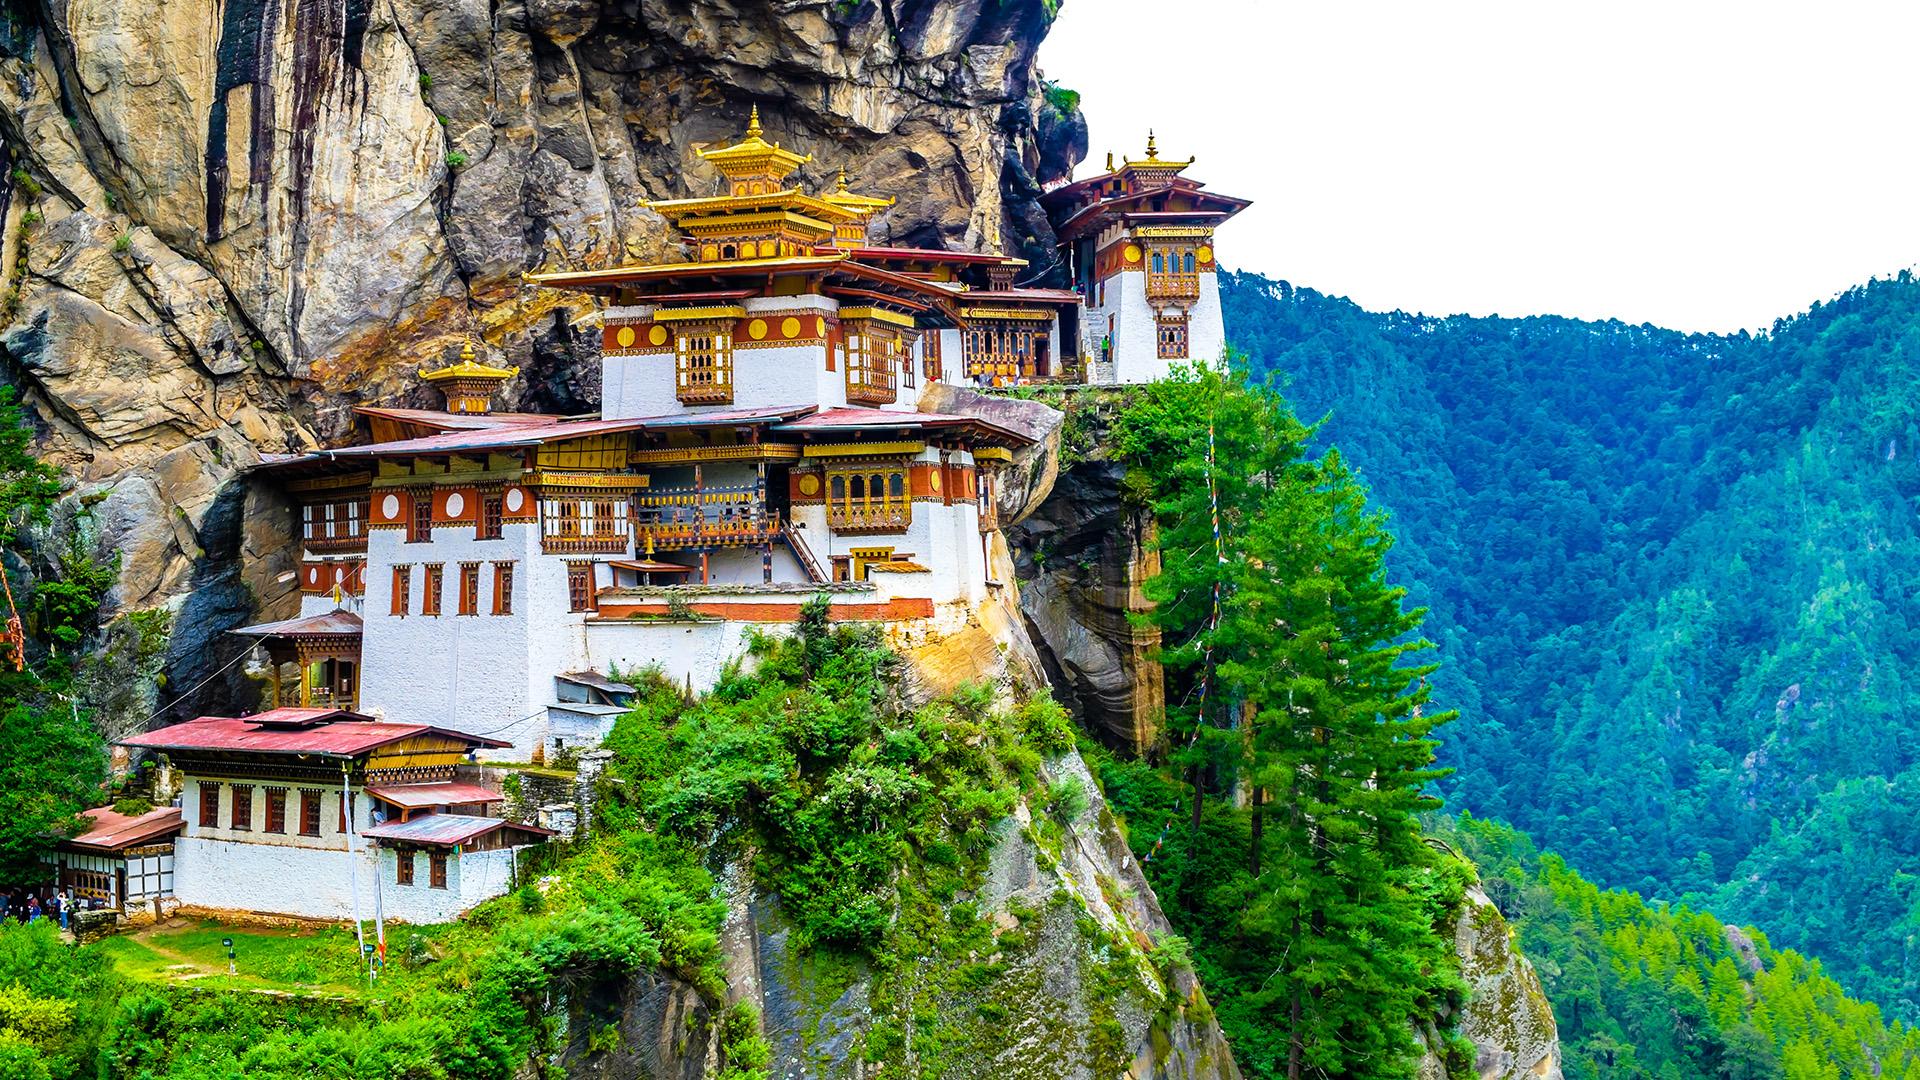 El país del sur de Asia ubicado en la cordillera del Himalaya y sin salida al mar es ideal para el viajero de lujo aventurero: Bután está hecho para el senderismo. Se organizan caminatas a muchos de los monasterios de la región, ciclismo de montaña a lo largo de pasos de montaña y participación en torneos de tiro con arco